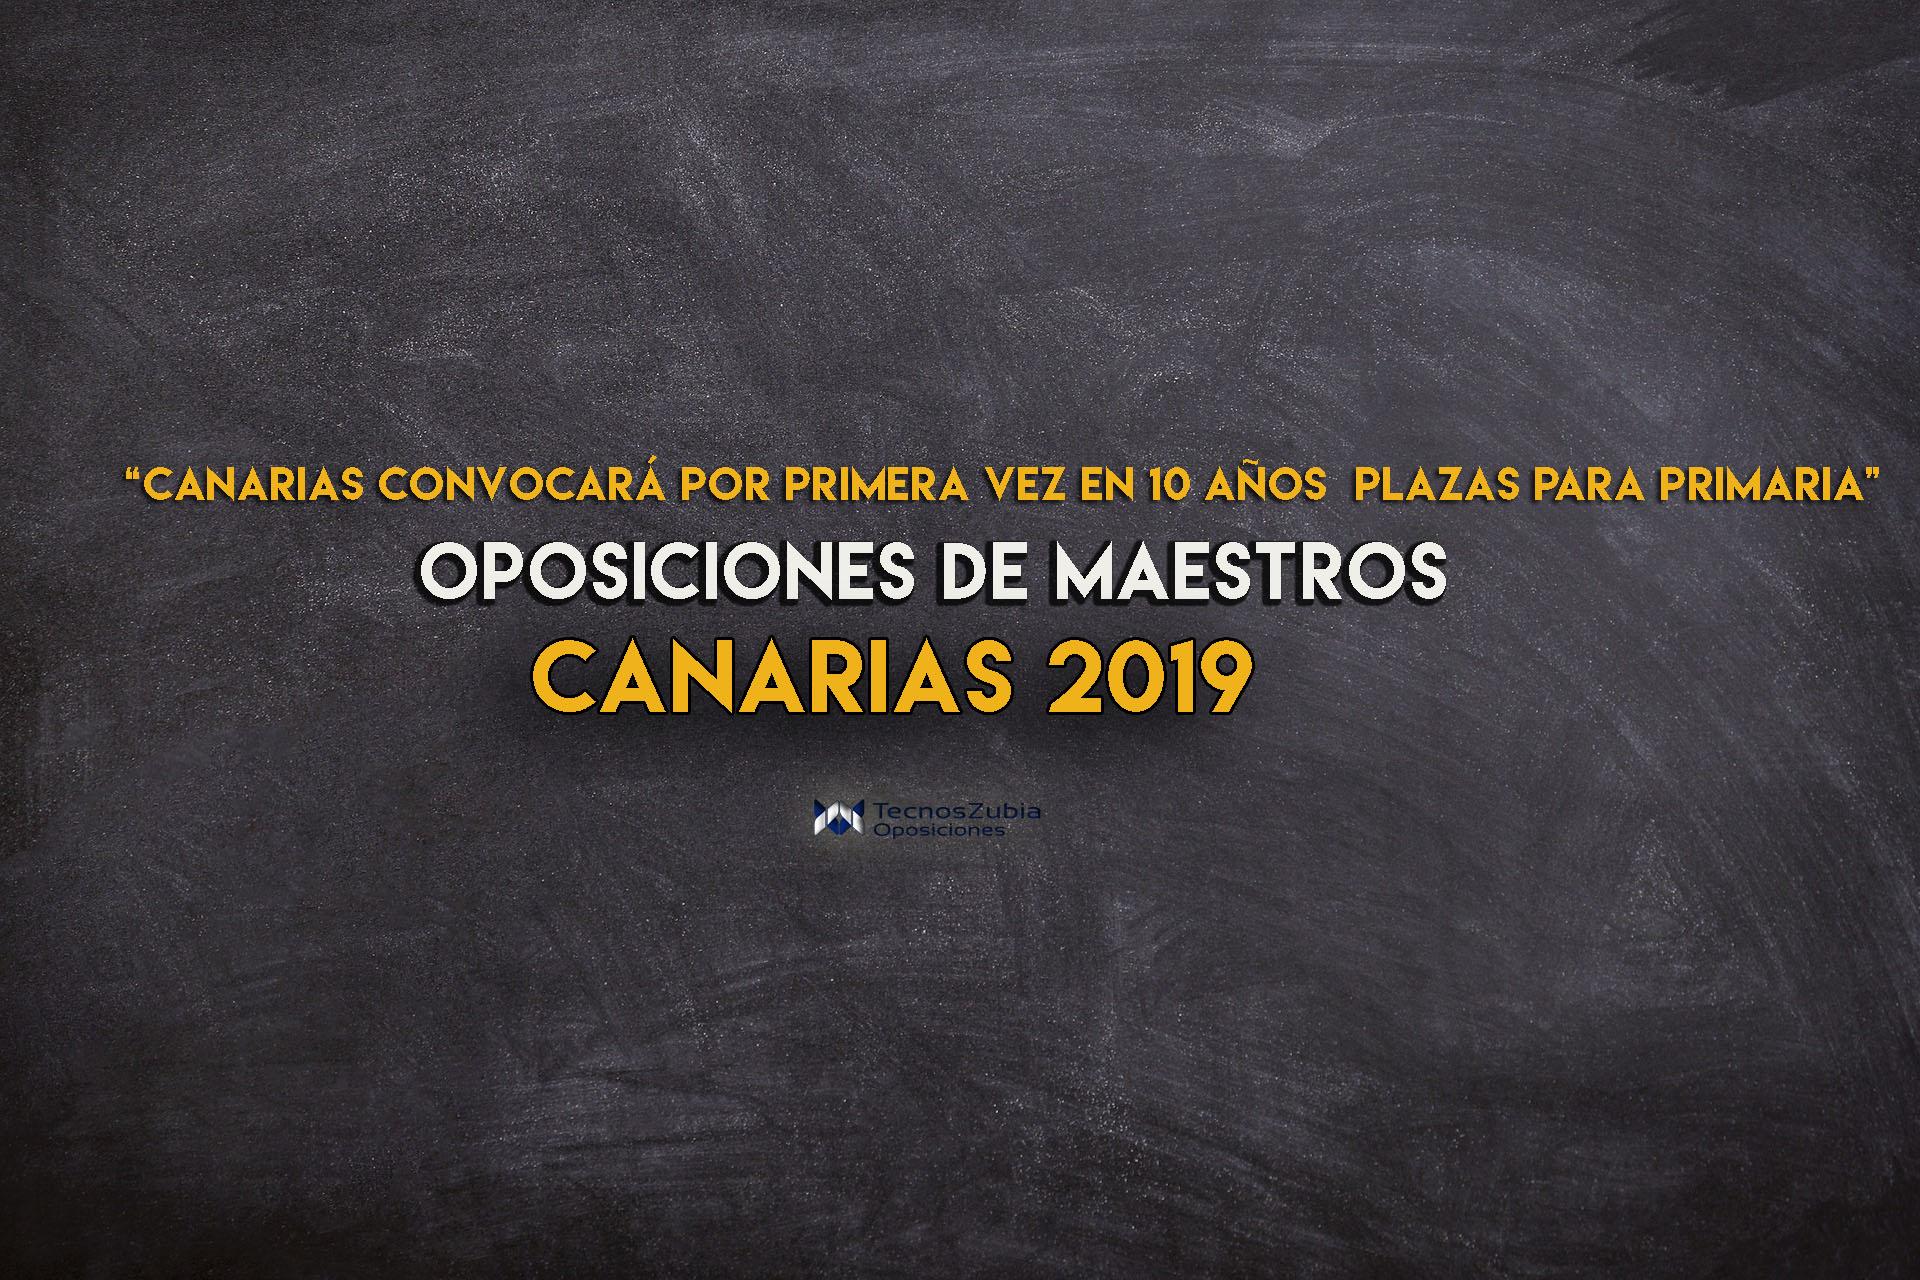 Oposiciones de maestros Canarias 2019